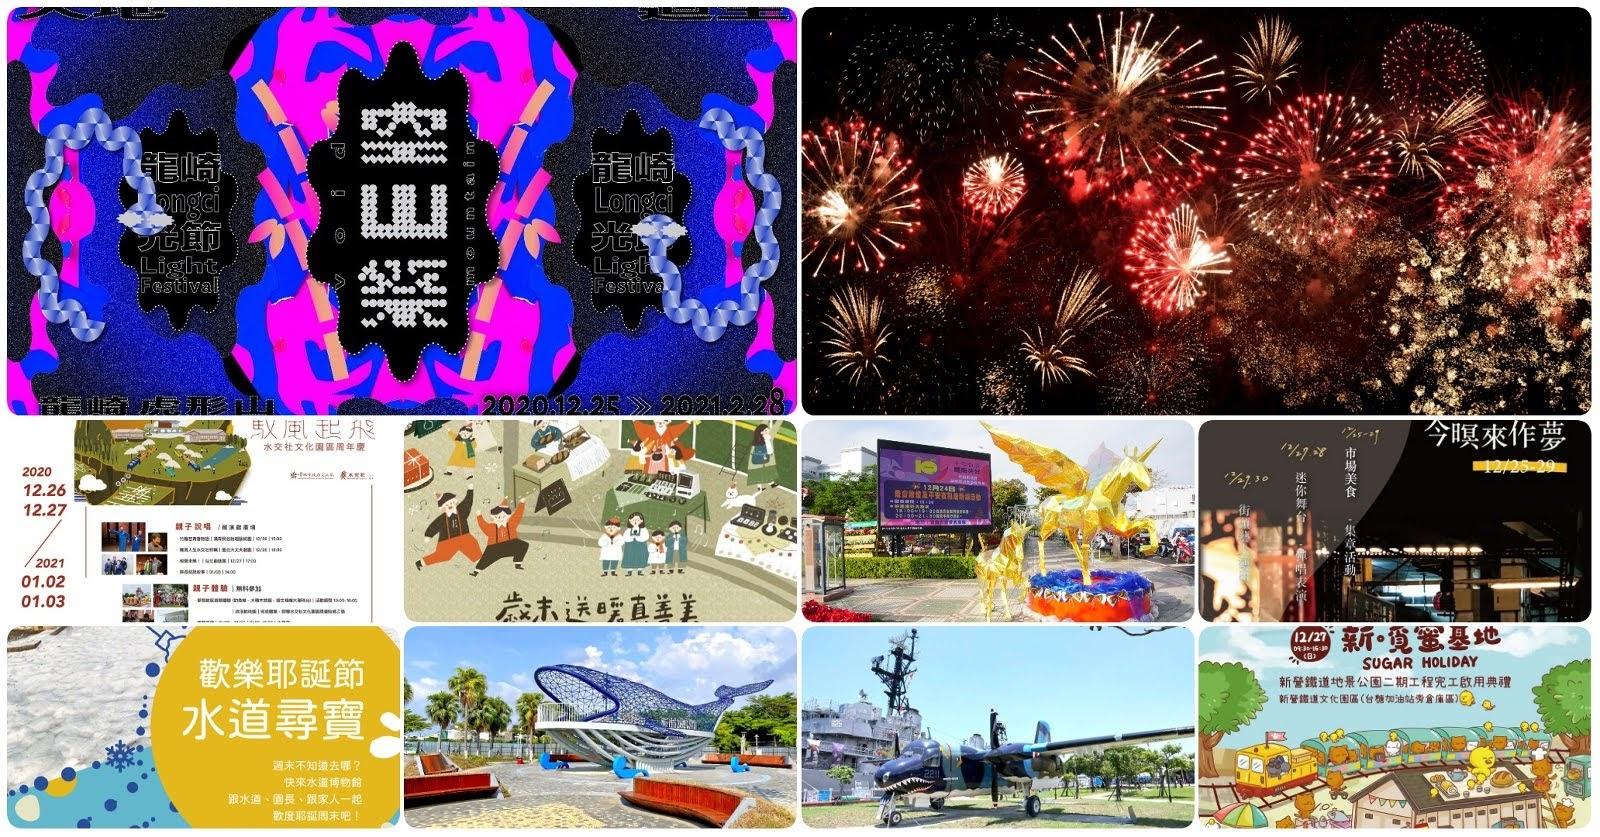 [活動] 2020/12/25-/12/27|台南週末活動整理|本週末資訊數:106